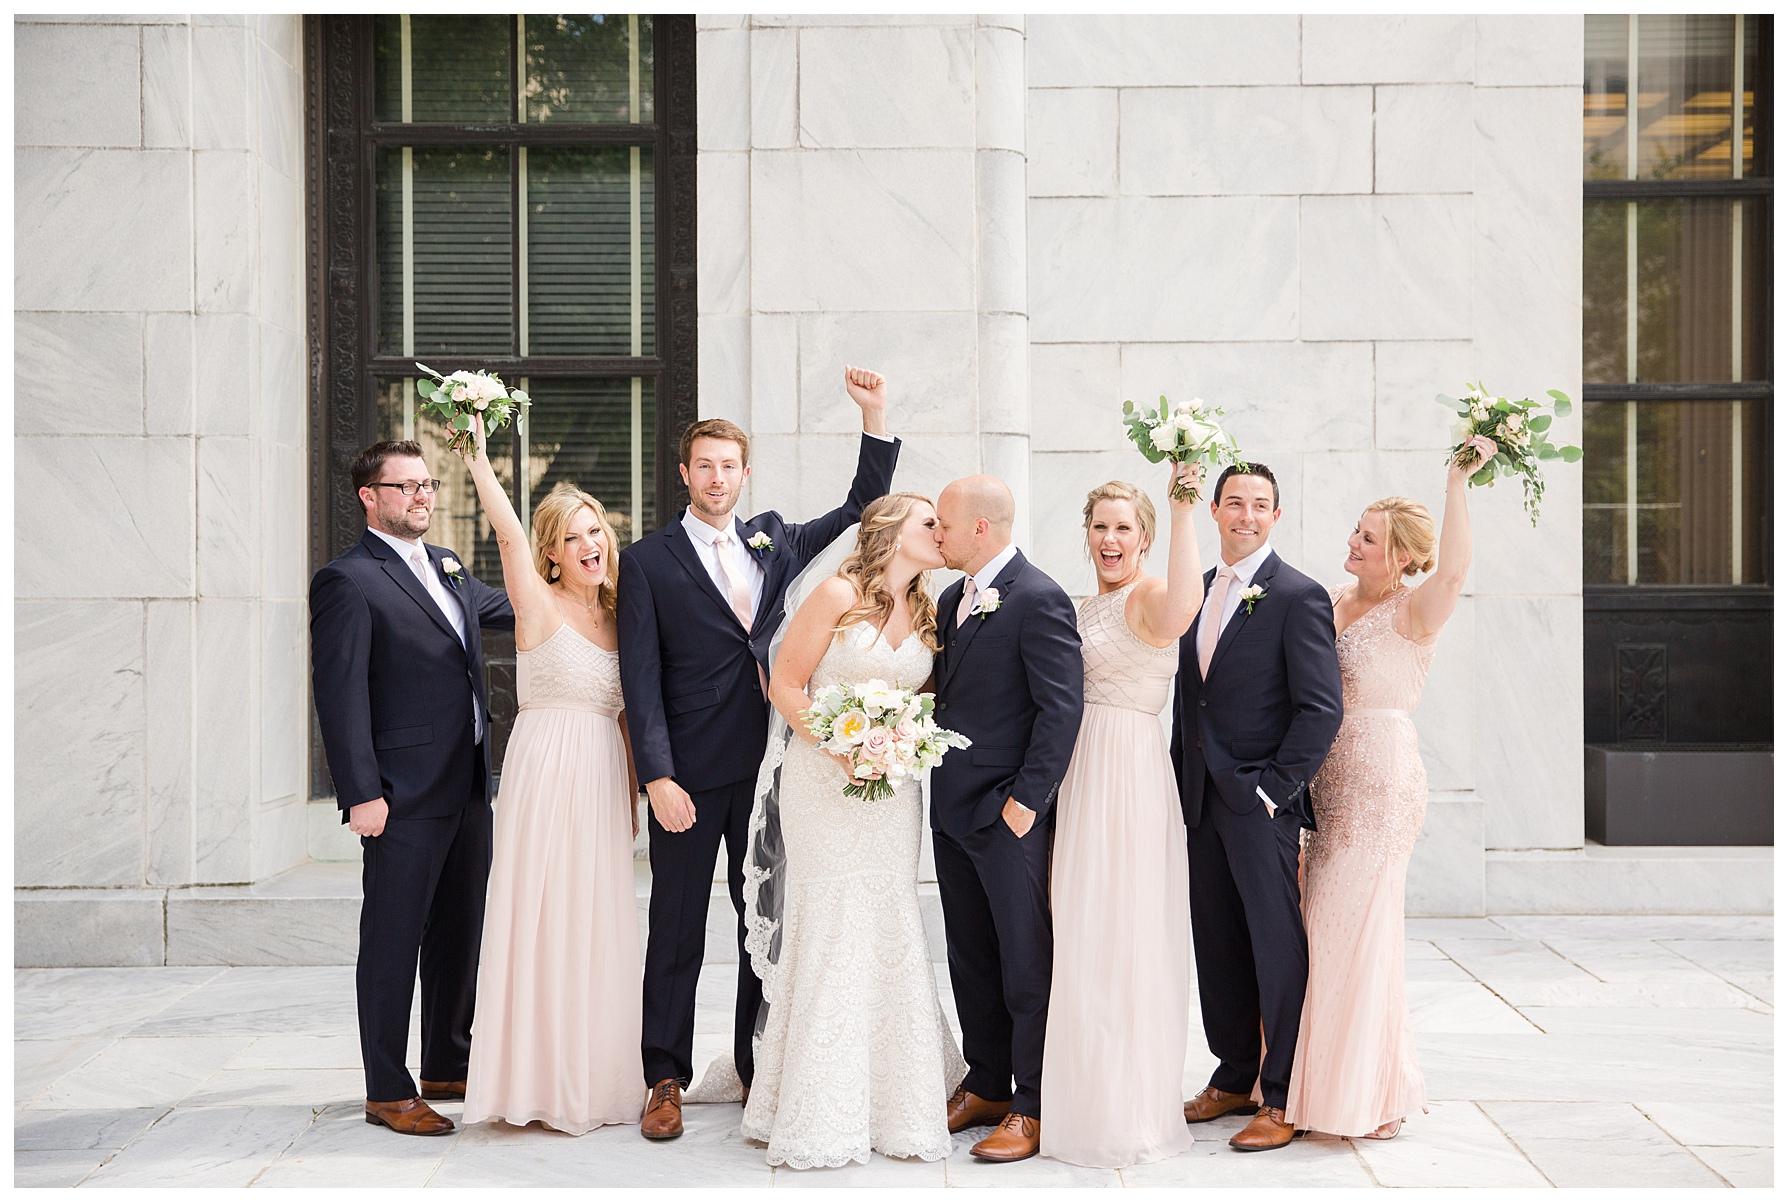 columbus-wedding-portratis-bride-groom_0032.jpg